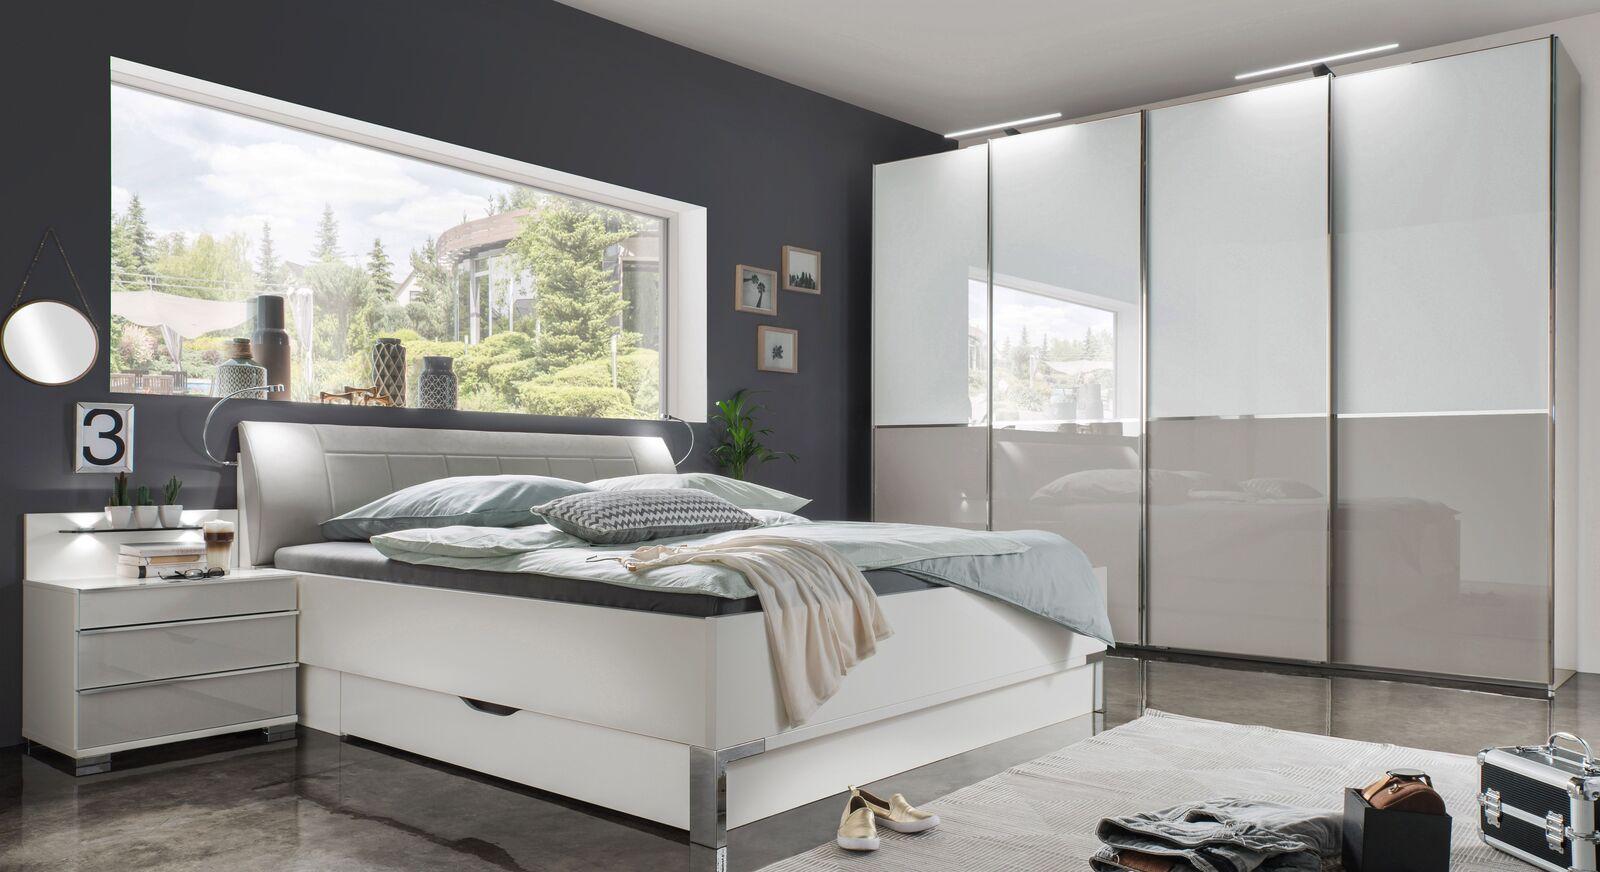 Komplett-Schlafzimmer Shanvalley mit alpinweißen Produkten